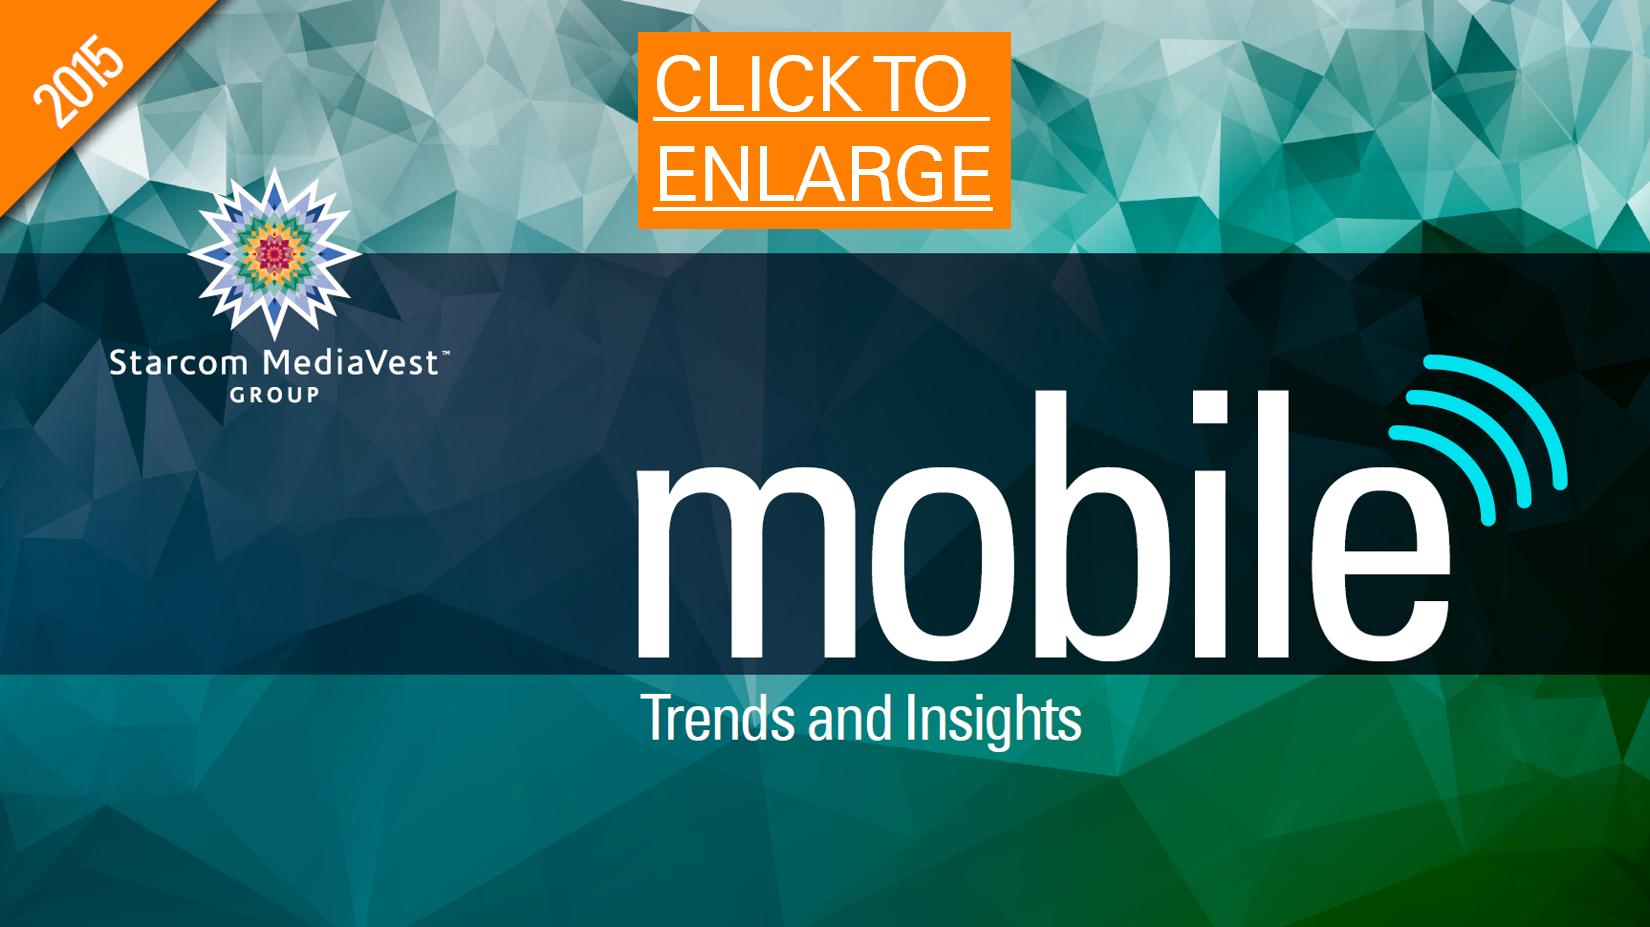 Mobile 1 click